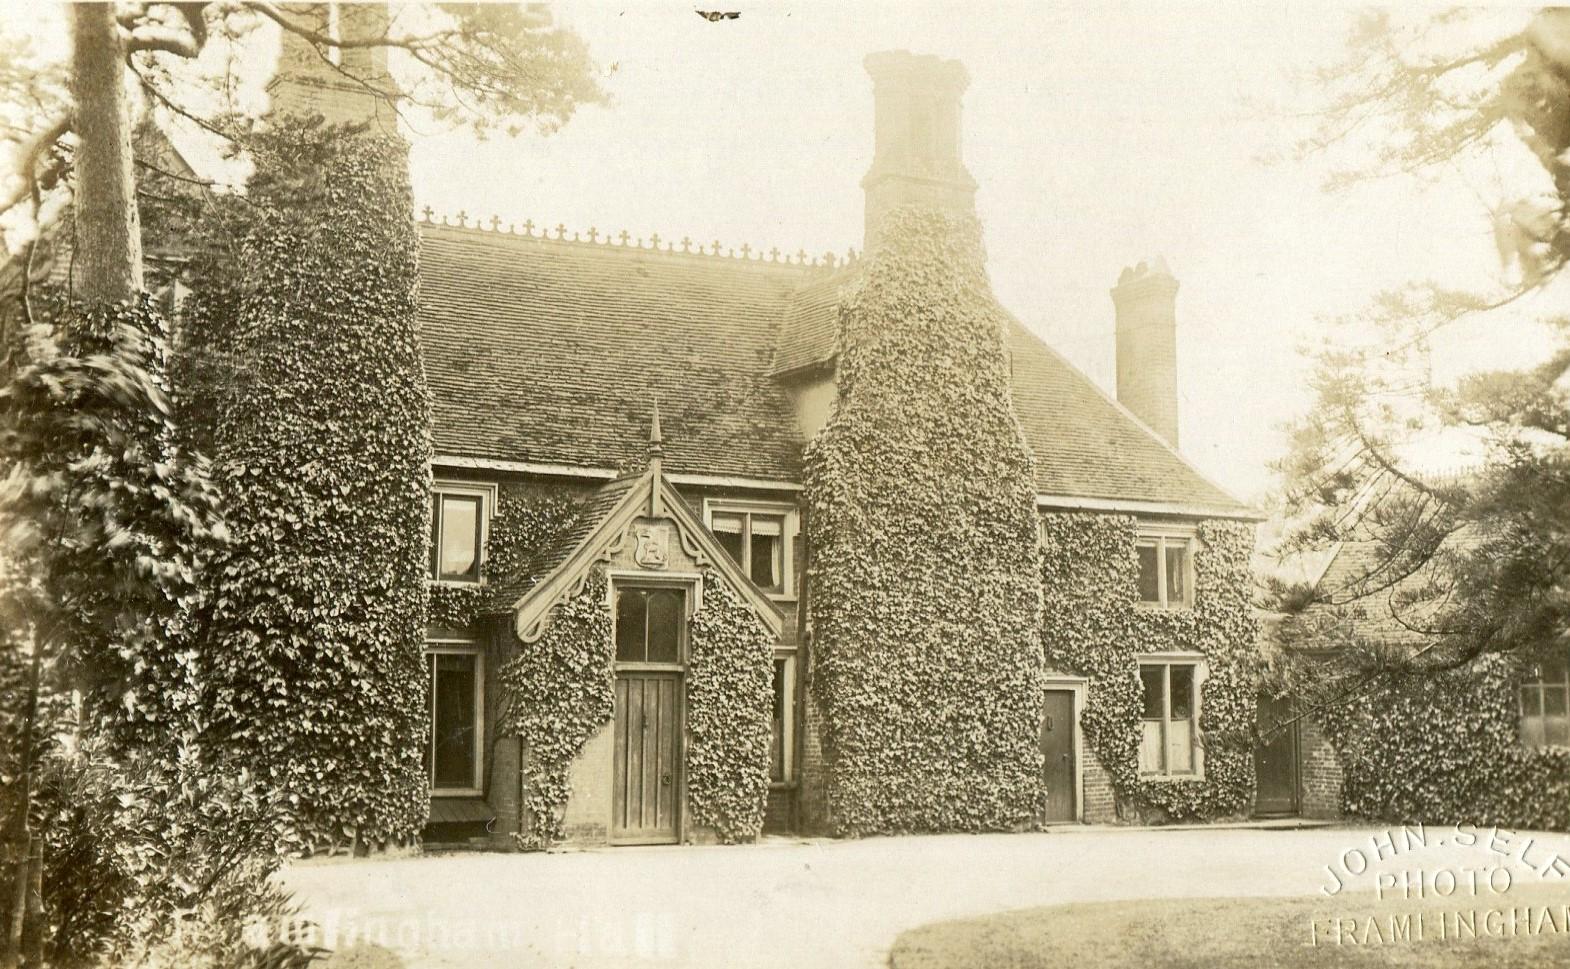 Framlingham Hall